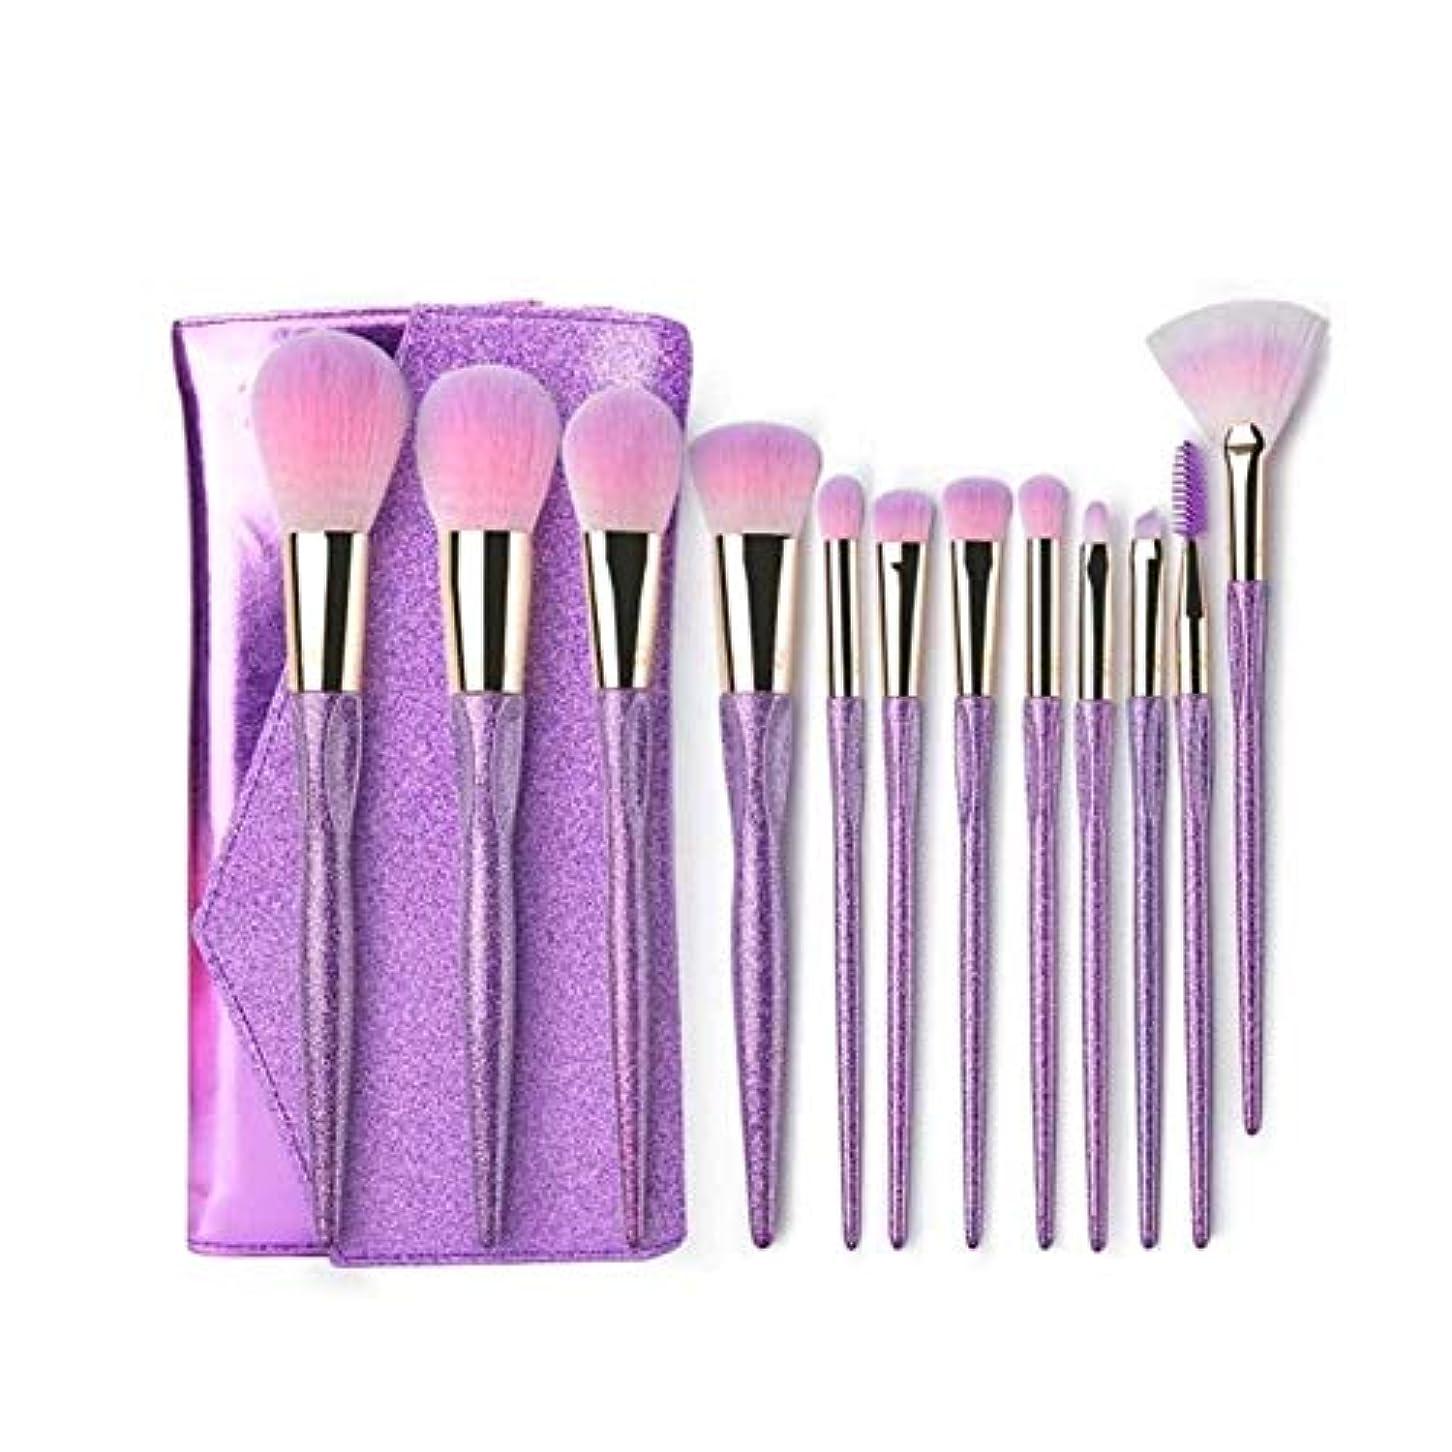 奨励樹皮胆嚢TUOFL メイクブラシ、12メイクブラシセット、財団ブラシ高光沢ブラシアイシャドウブラシまつげカールセット、初心者メイクブラシ、ソフトで快適な (Color : Purple)